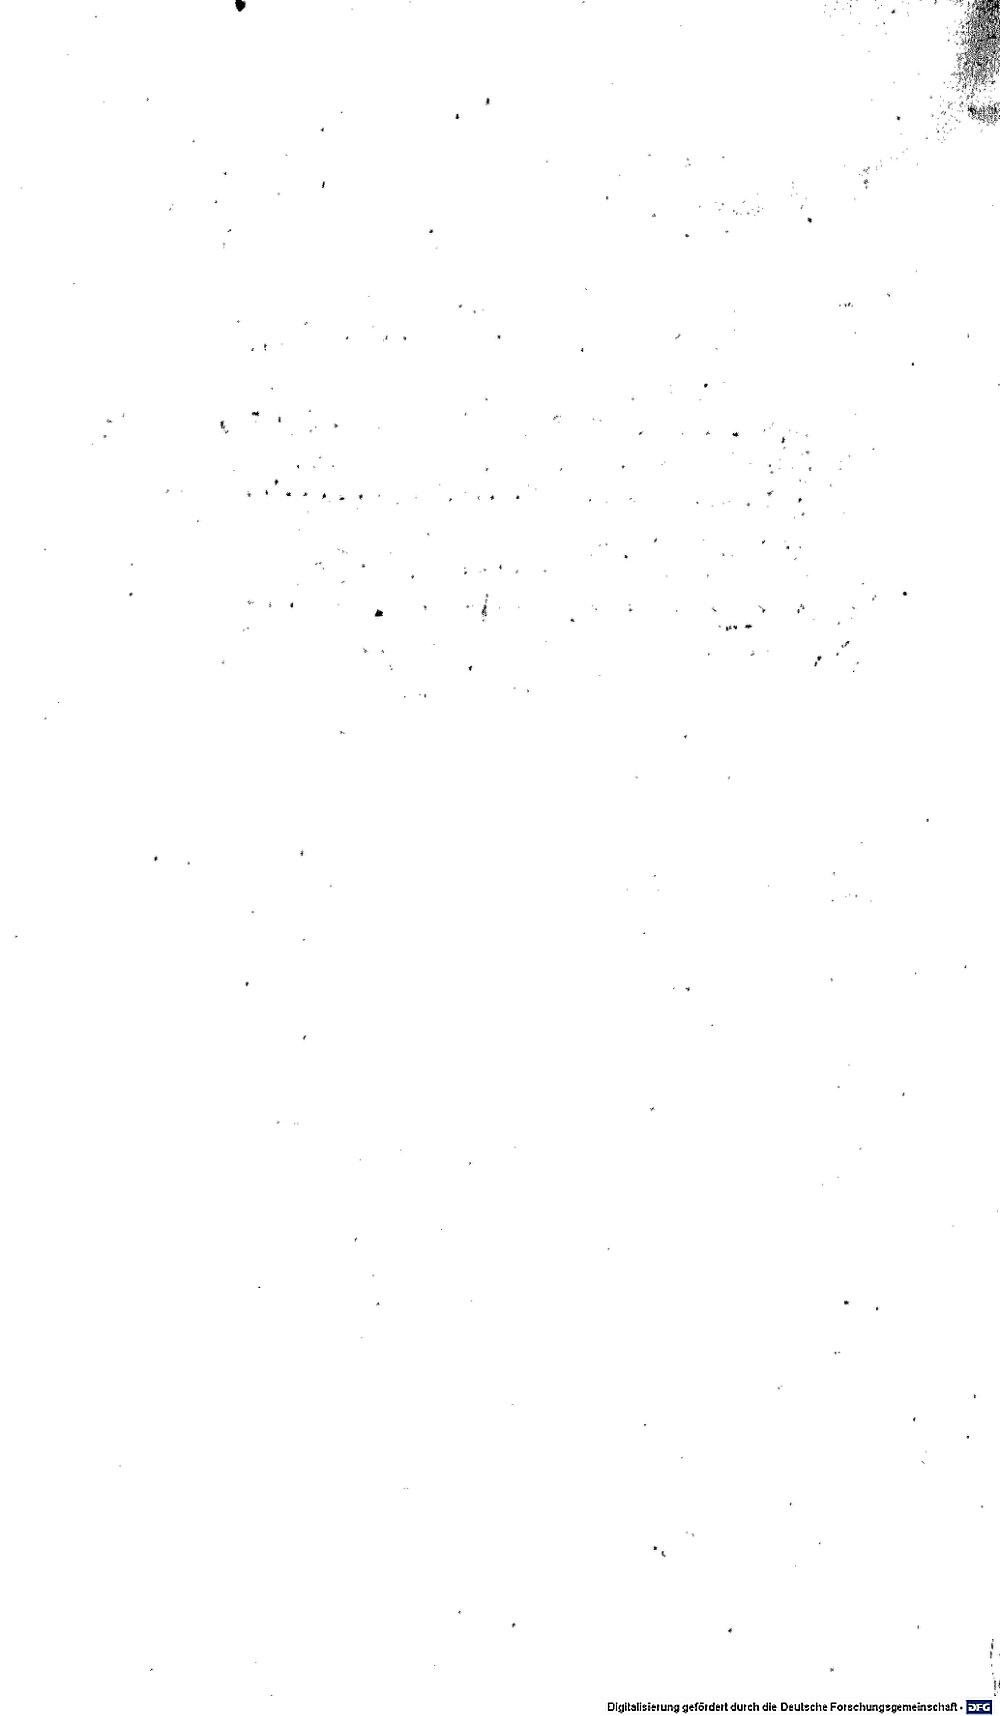 bsb00021589_00005.jpg